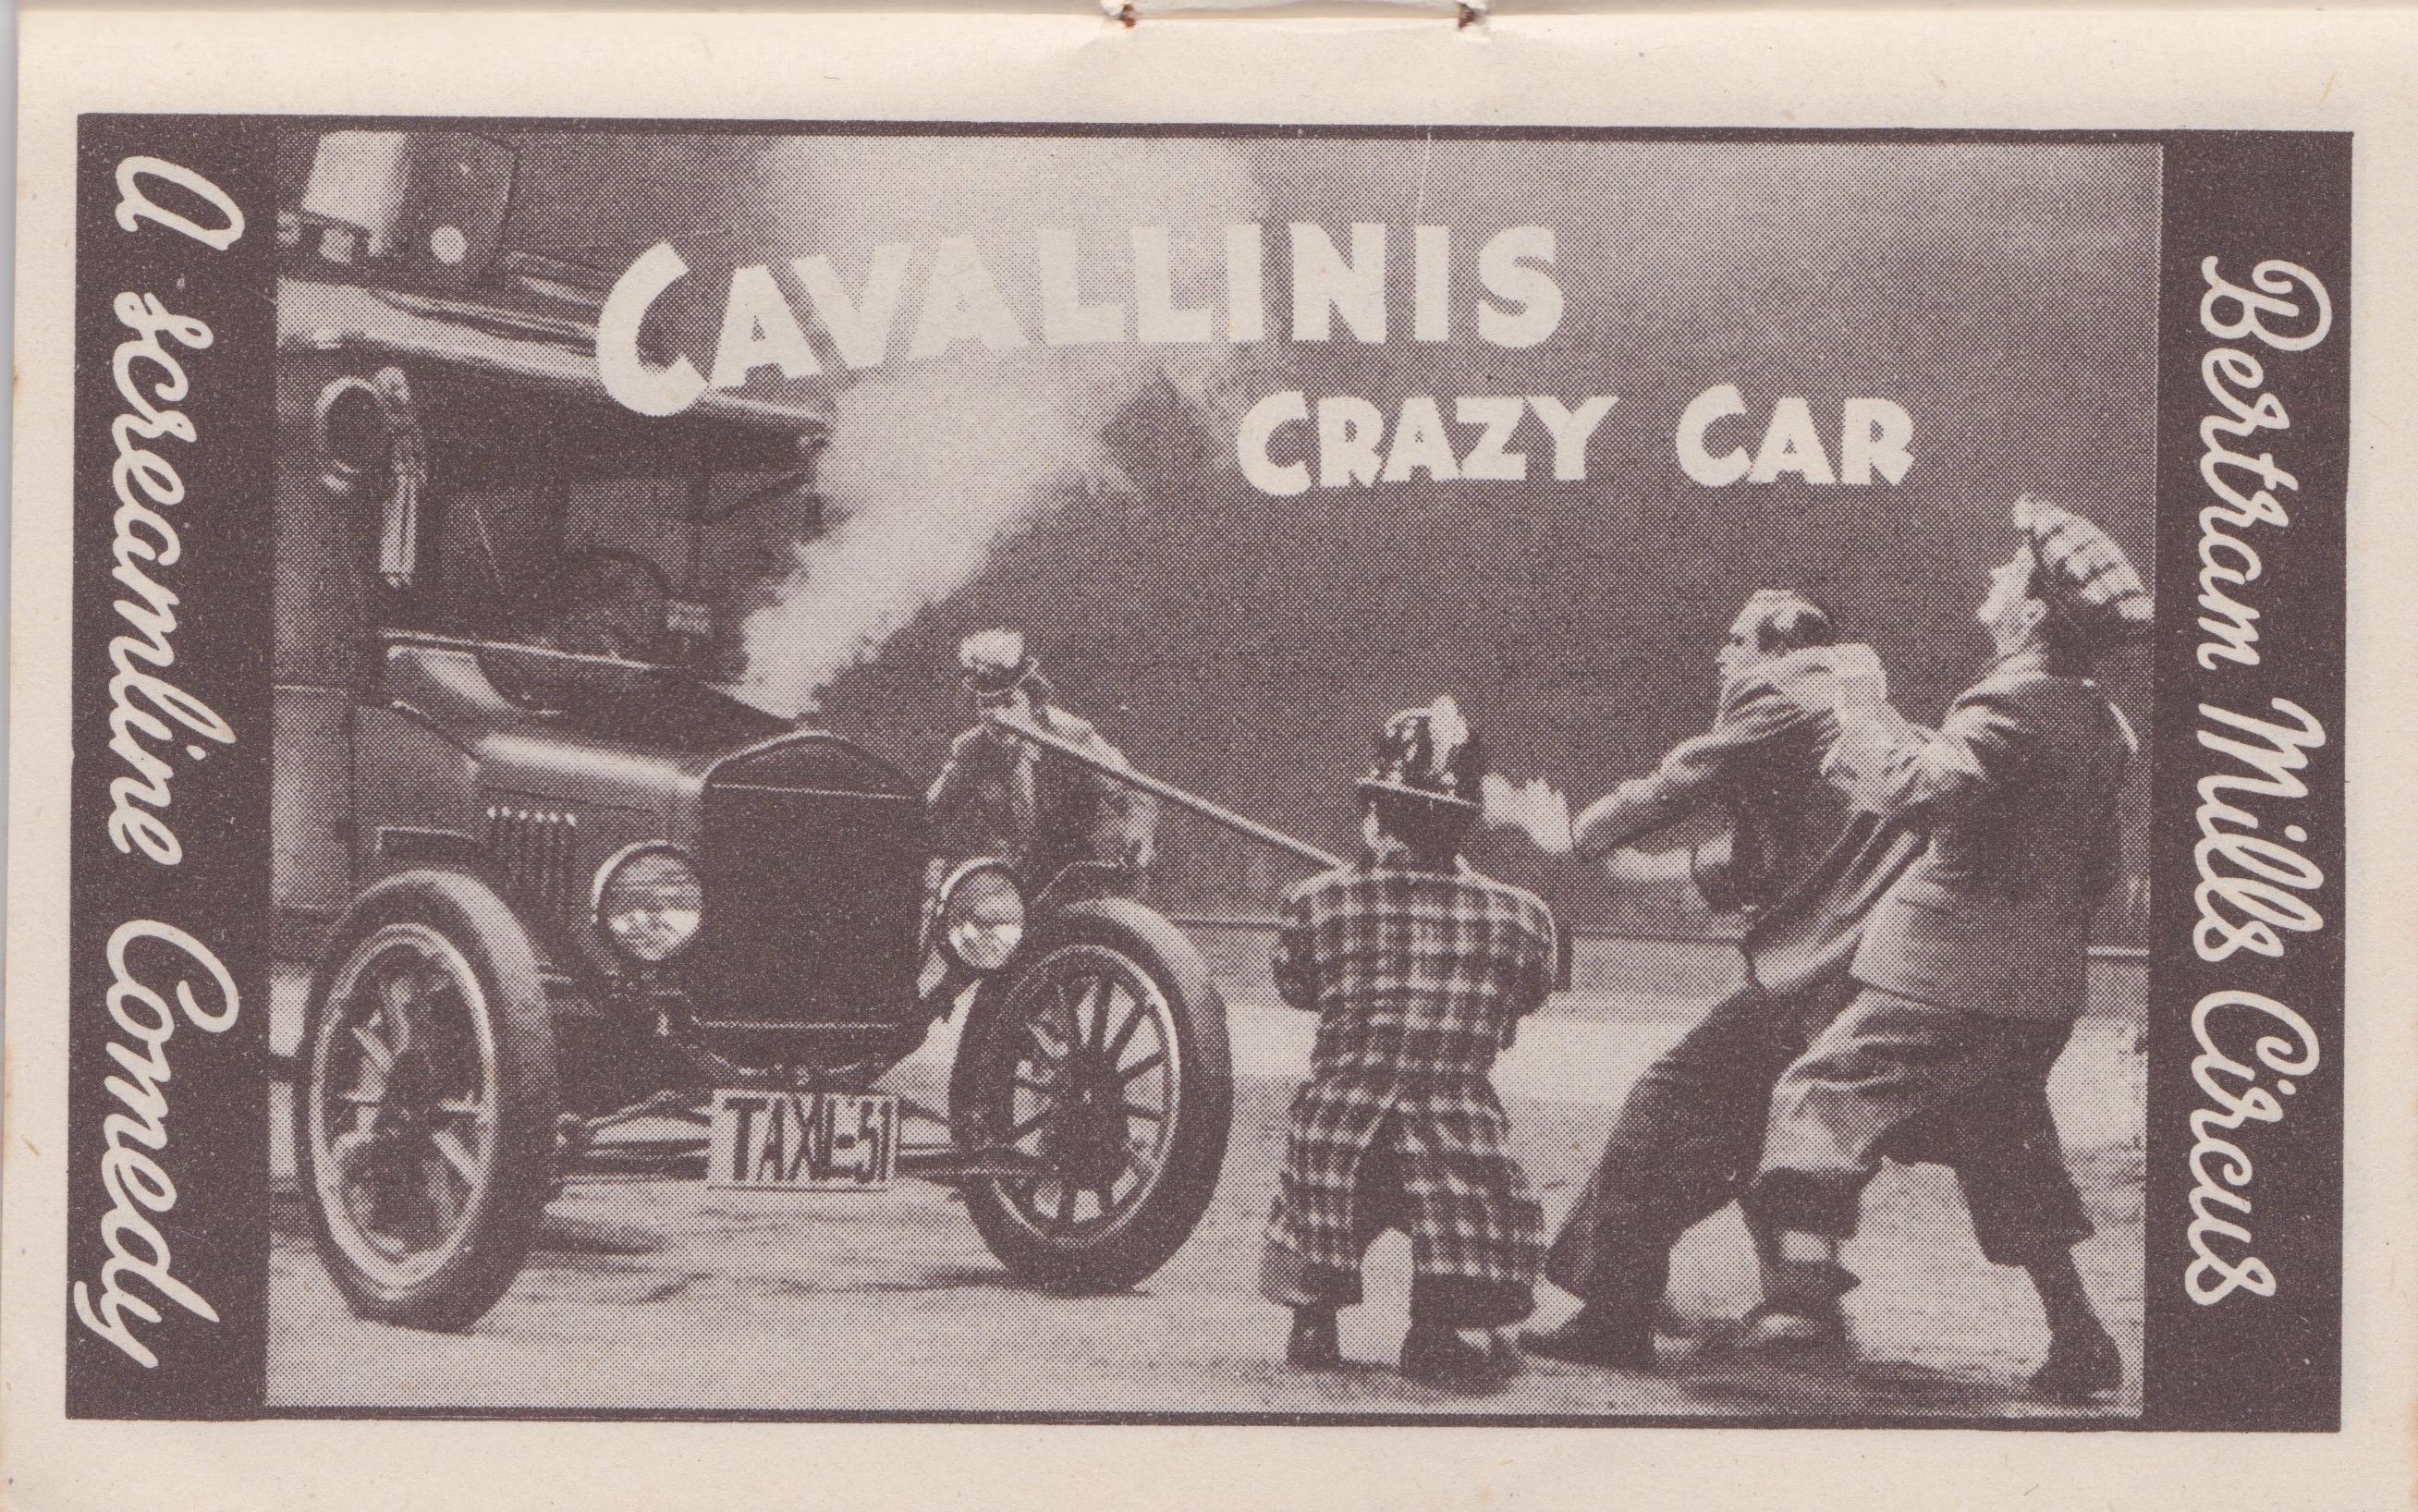 Bertram Mills Circus Dec 17 1948 Cavallini's Crazy Car